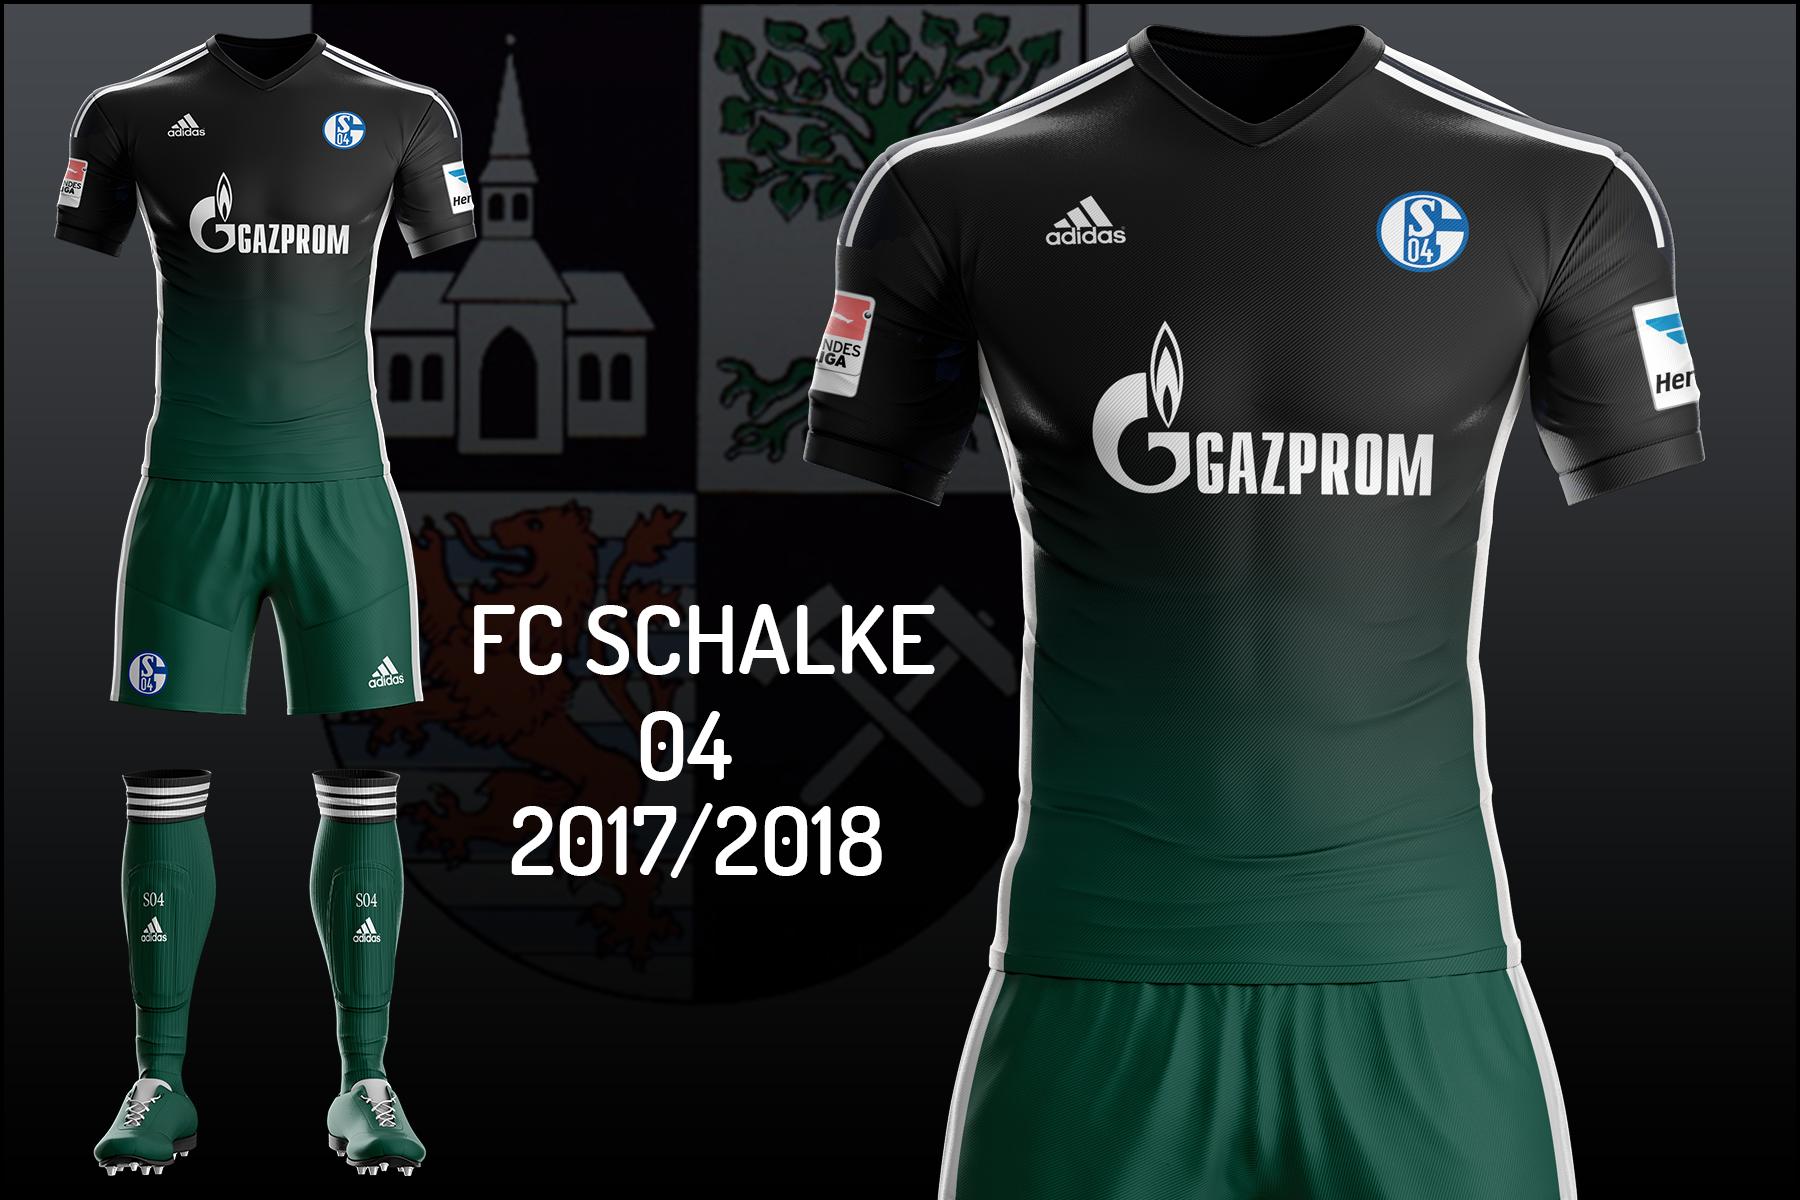 new arrival 12bb7 eeb9a Trikots - FC Schalke 04 - Forum | Pagina 140 | Transfermarkt